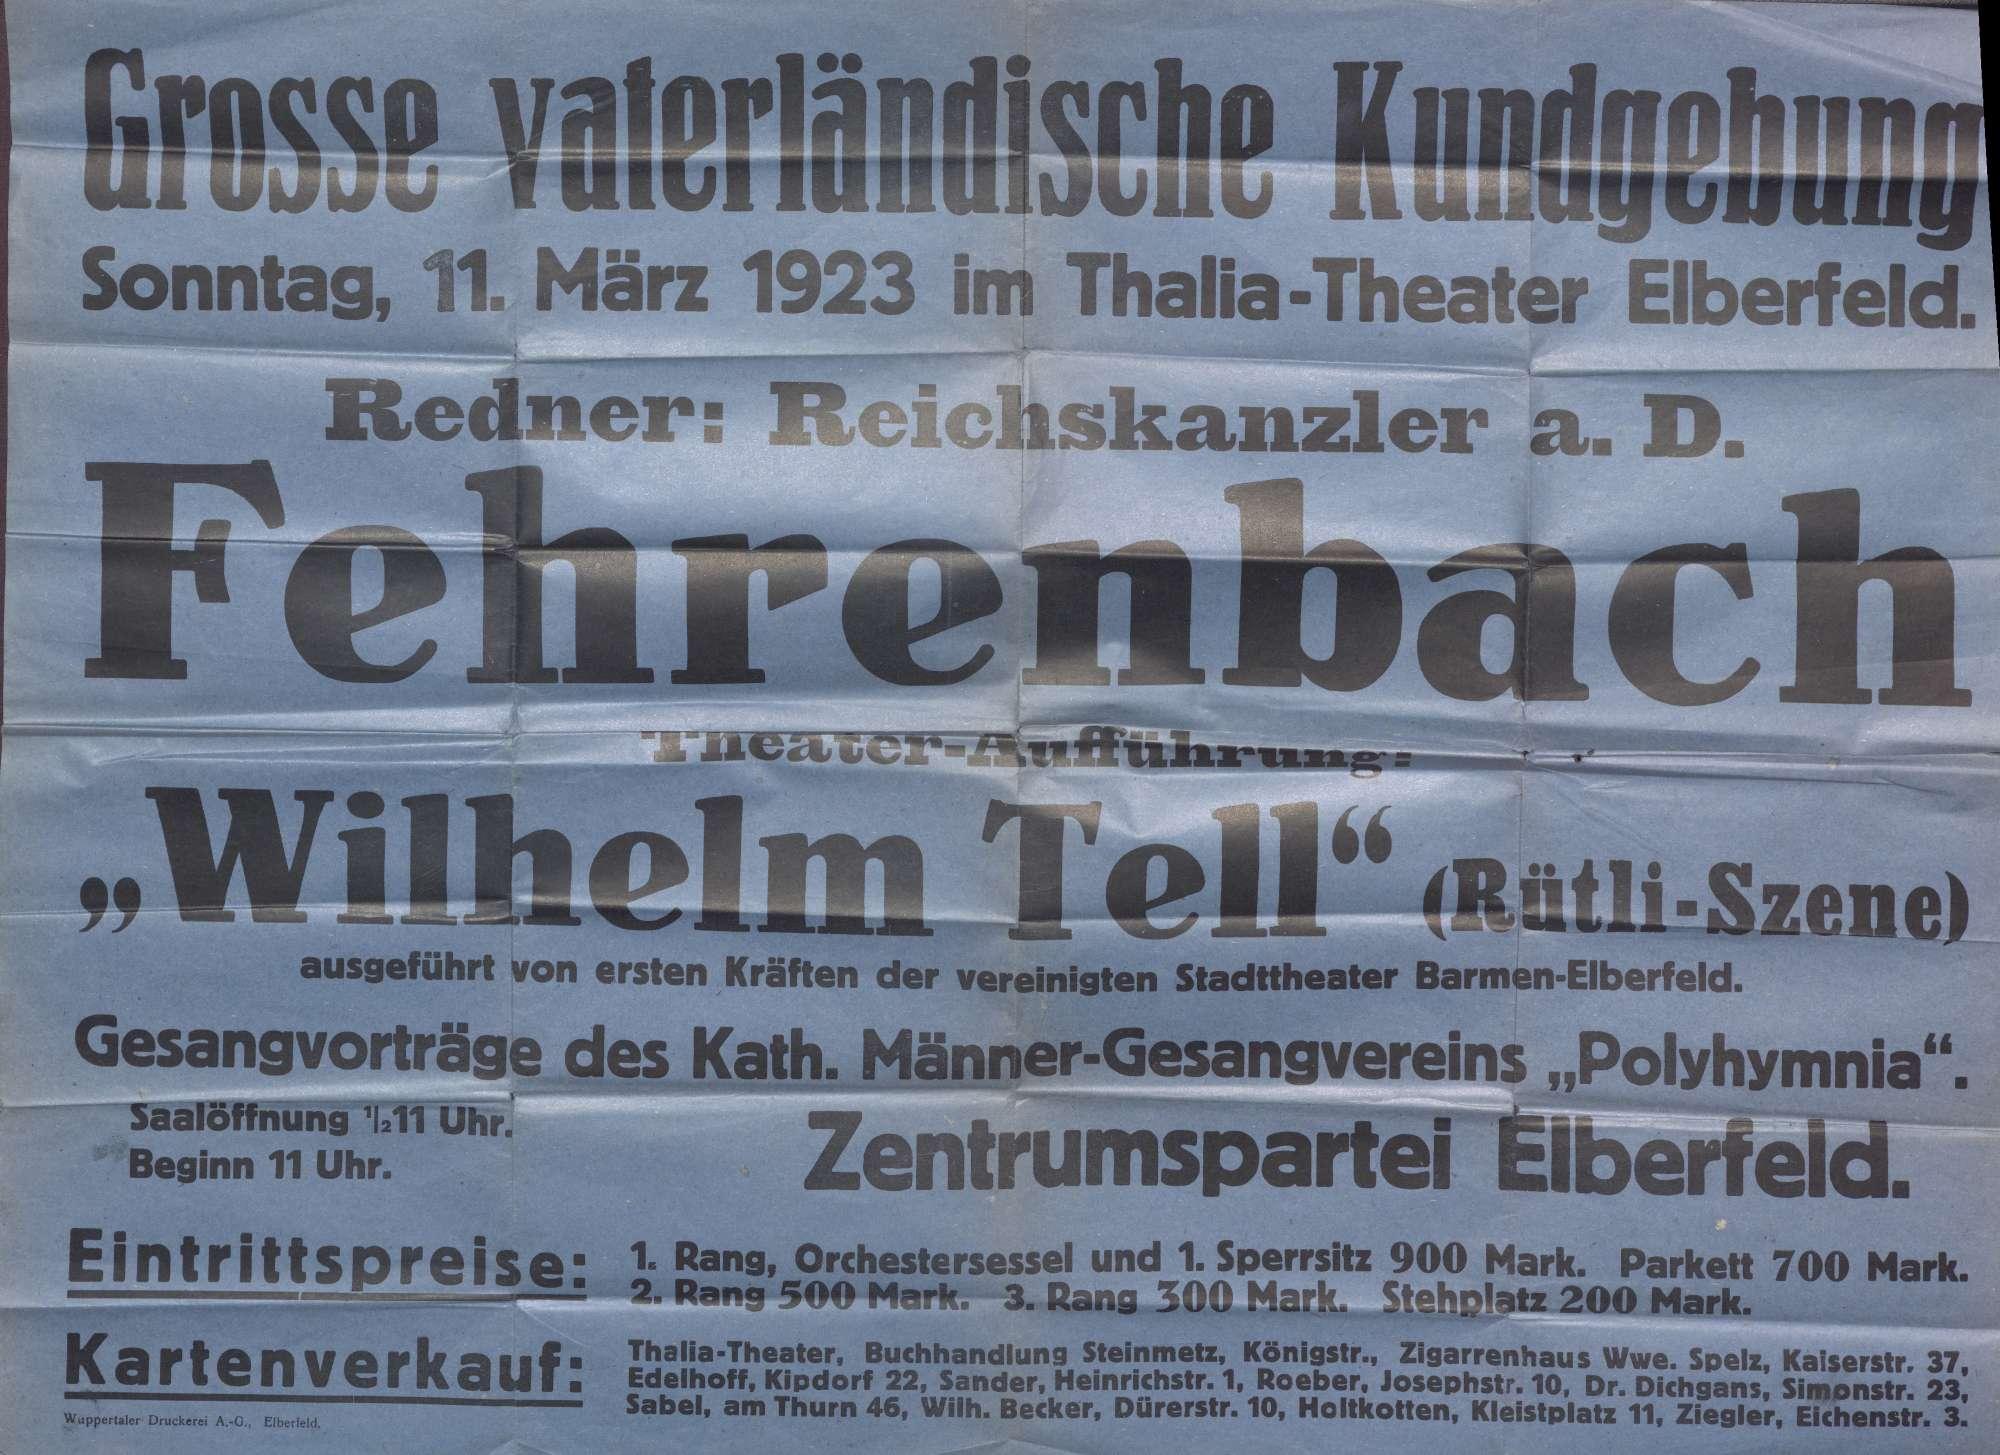 Plakat der Zentrumspartei Elberfeld, Rede des Reichskanzlers Fehrenbach bei einer großen vaterländischen Kundgebung, Bild 1